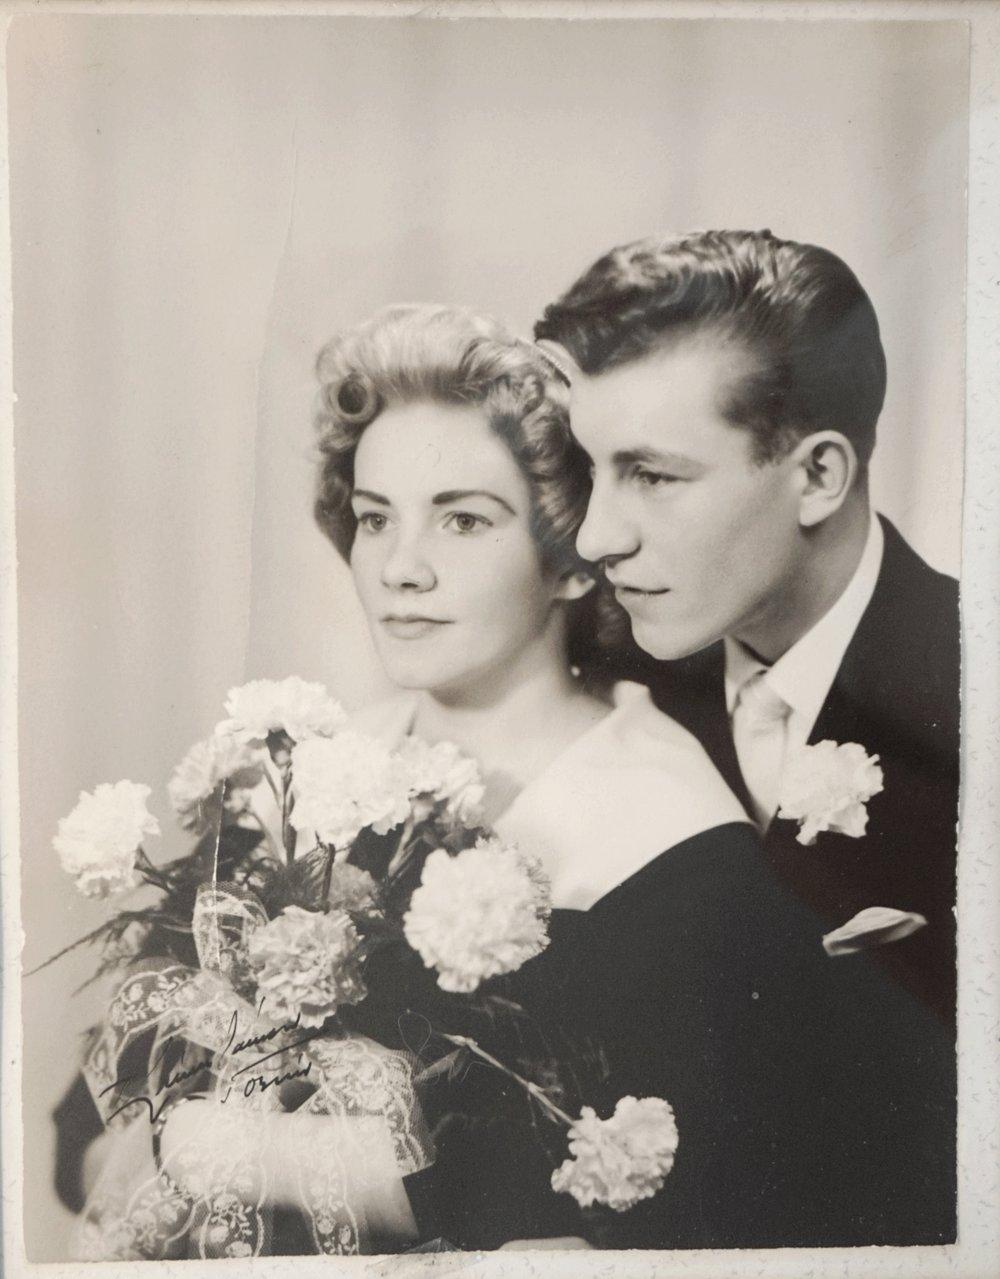 Bröllopsfotografiet.